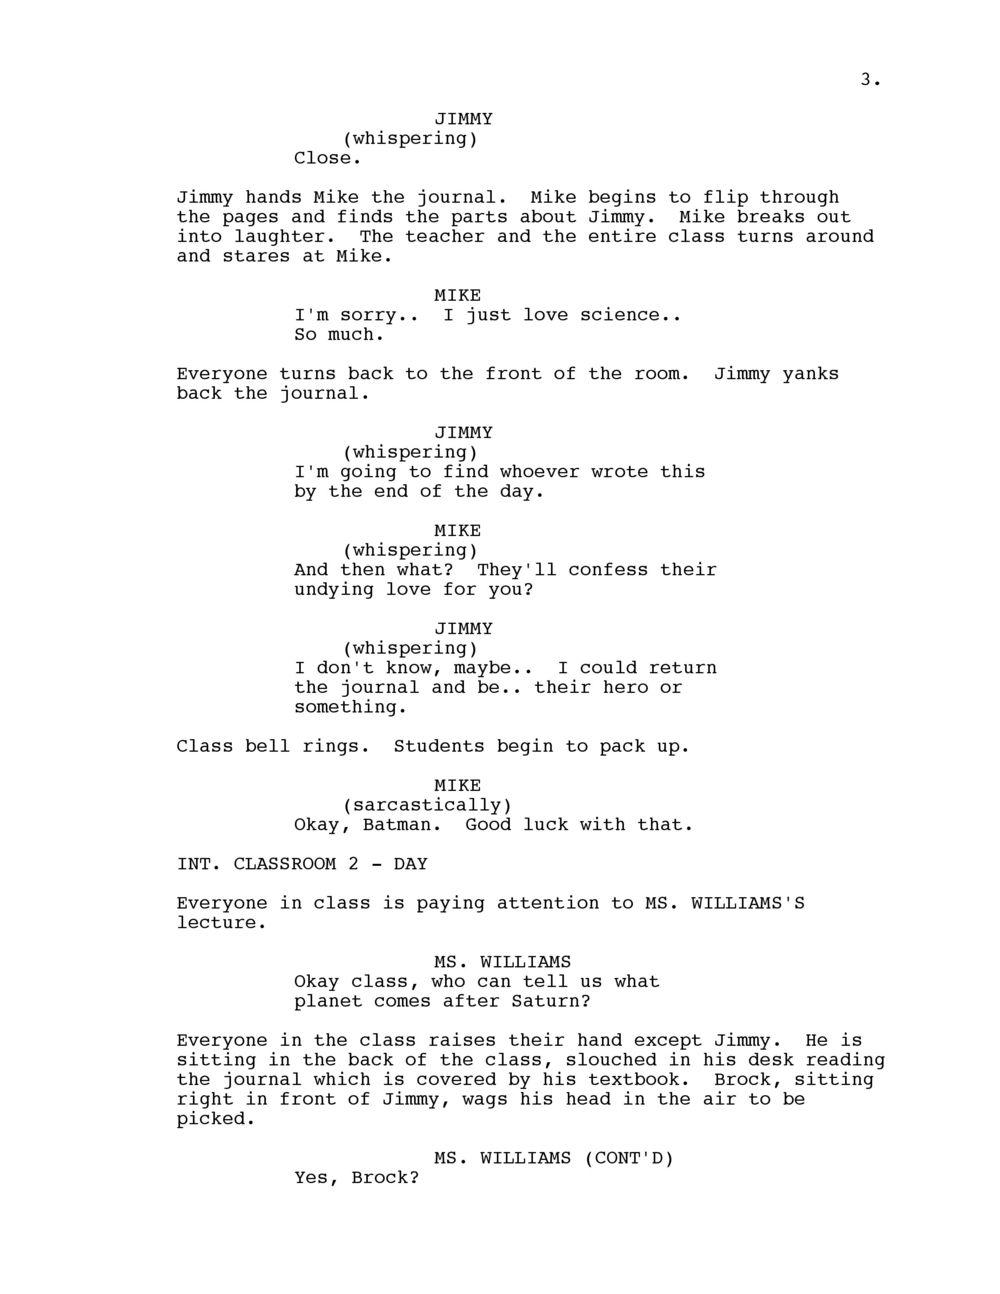 Script - The Pink Journal-3.jpg